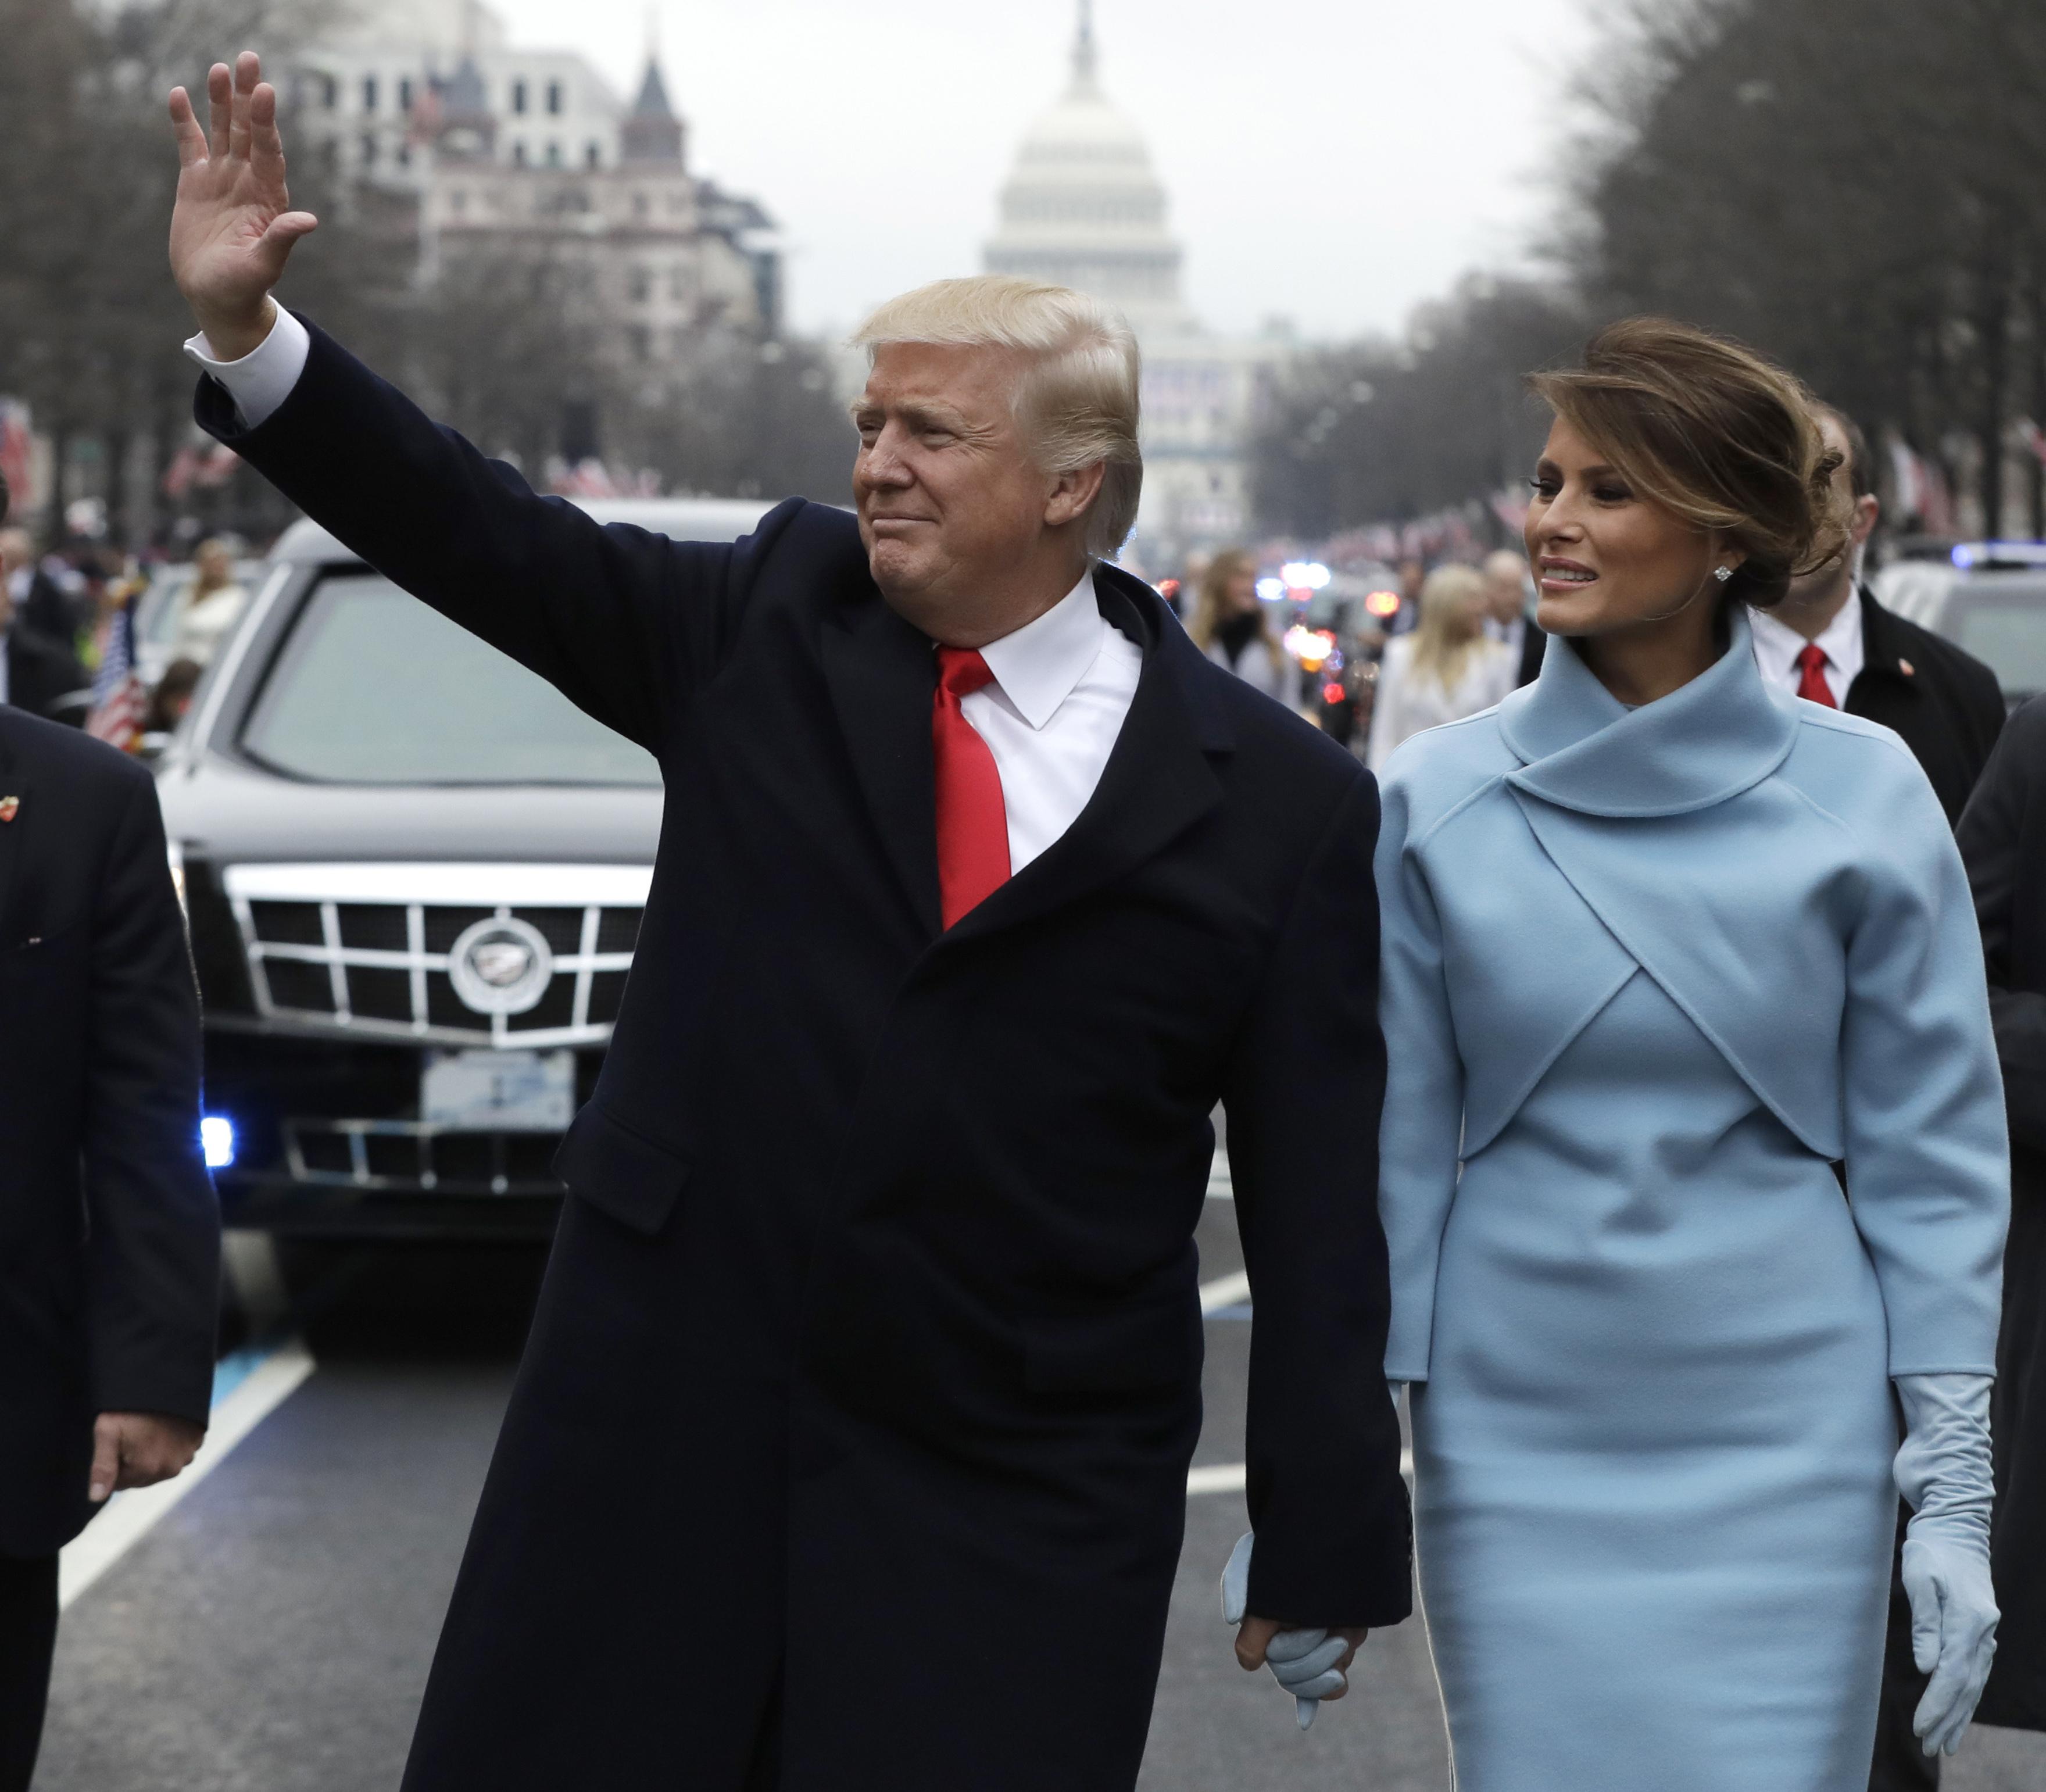 Trump Inaugural Donors